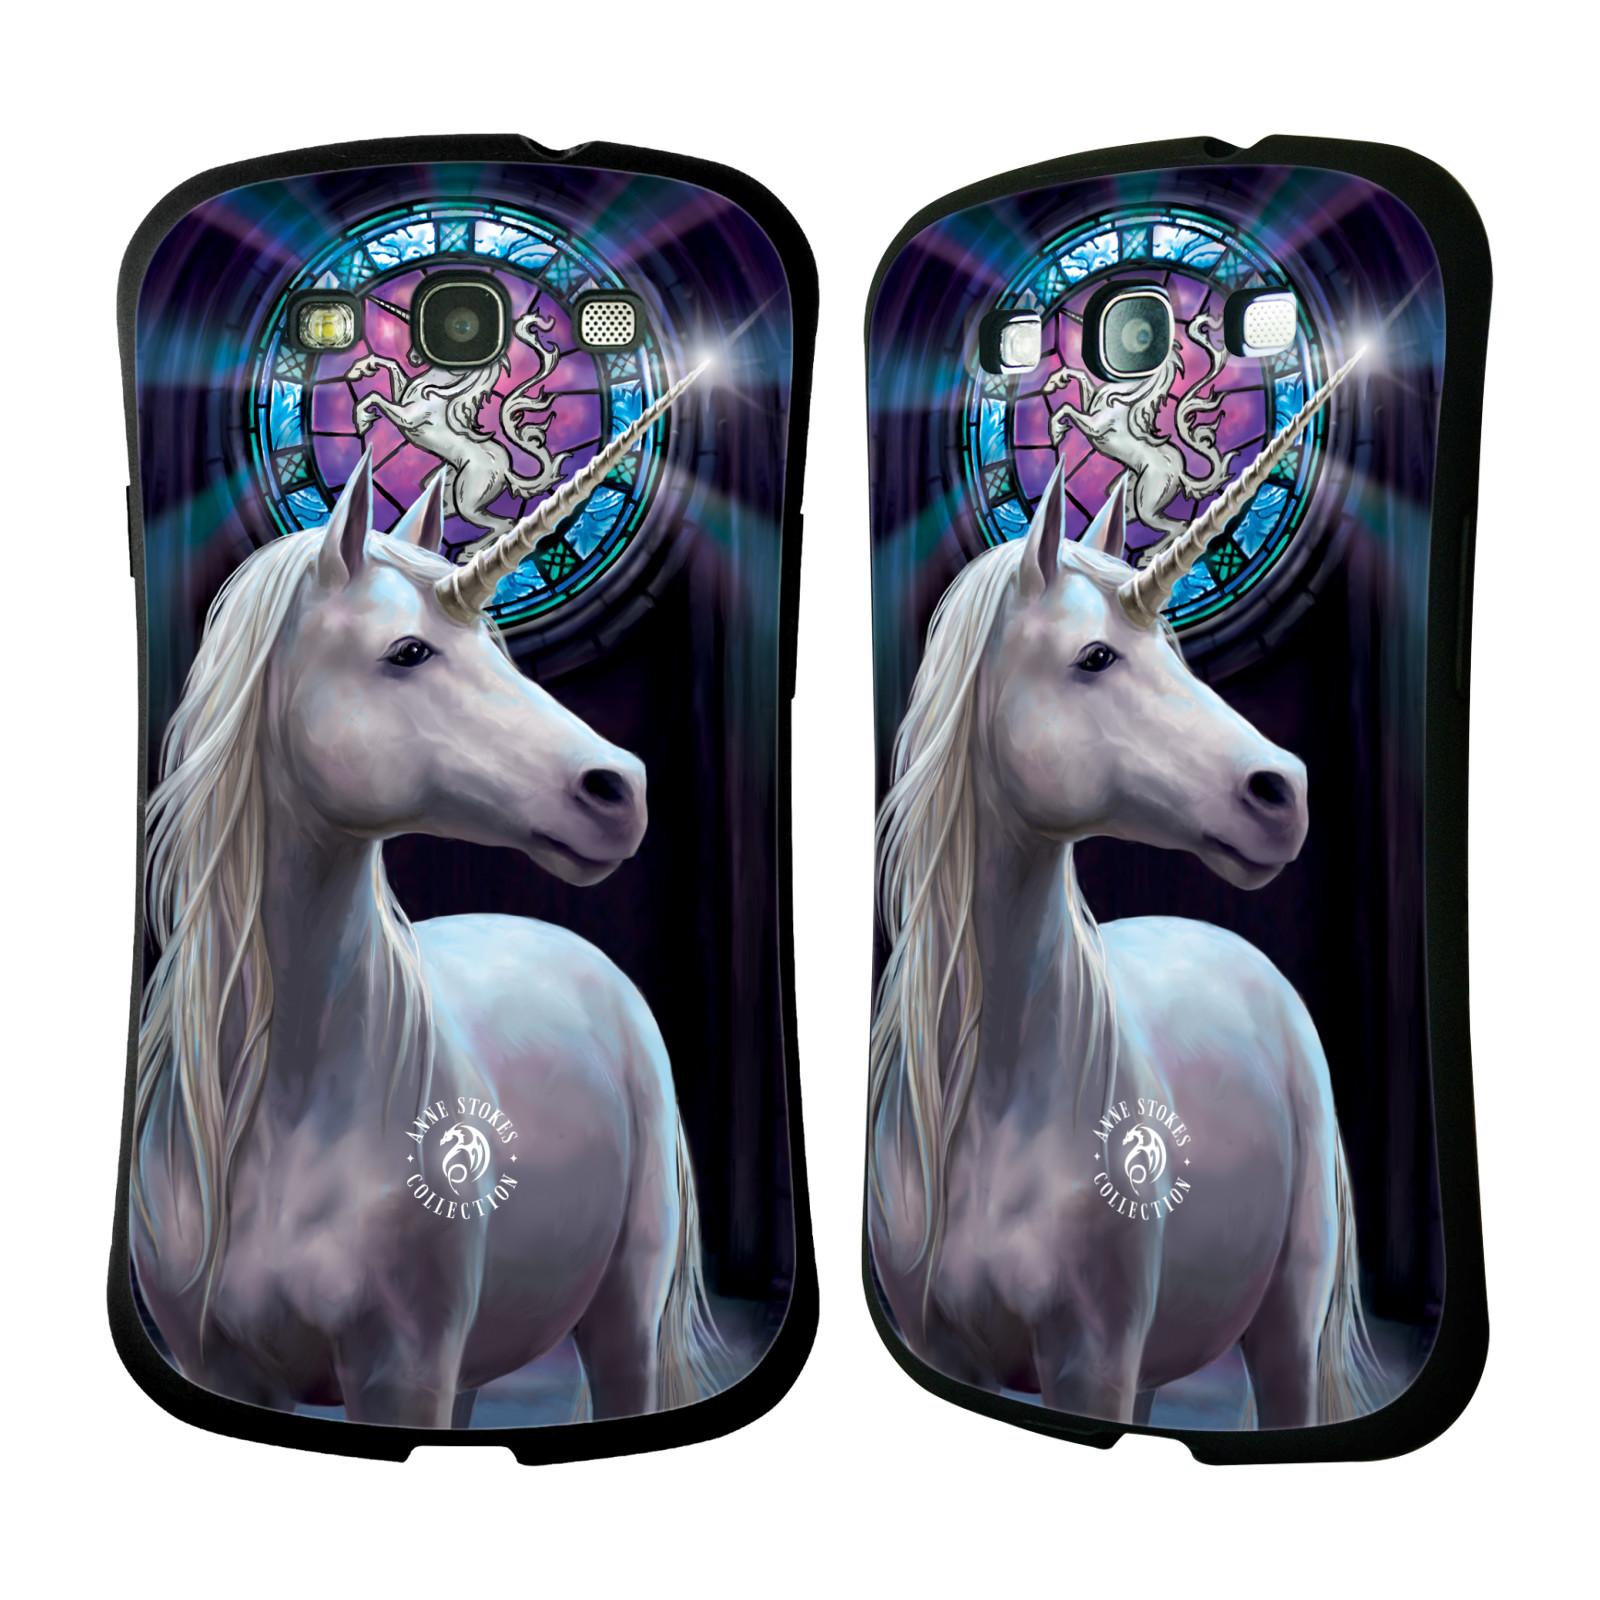 HEAD CASE silikon/plast odolný obal na mobil Samsung Galaxy S3 i9300 / S3 NEO Anne Stokes kůň bílý jednorožec znak mozaika